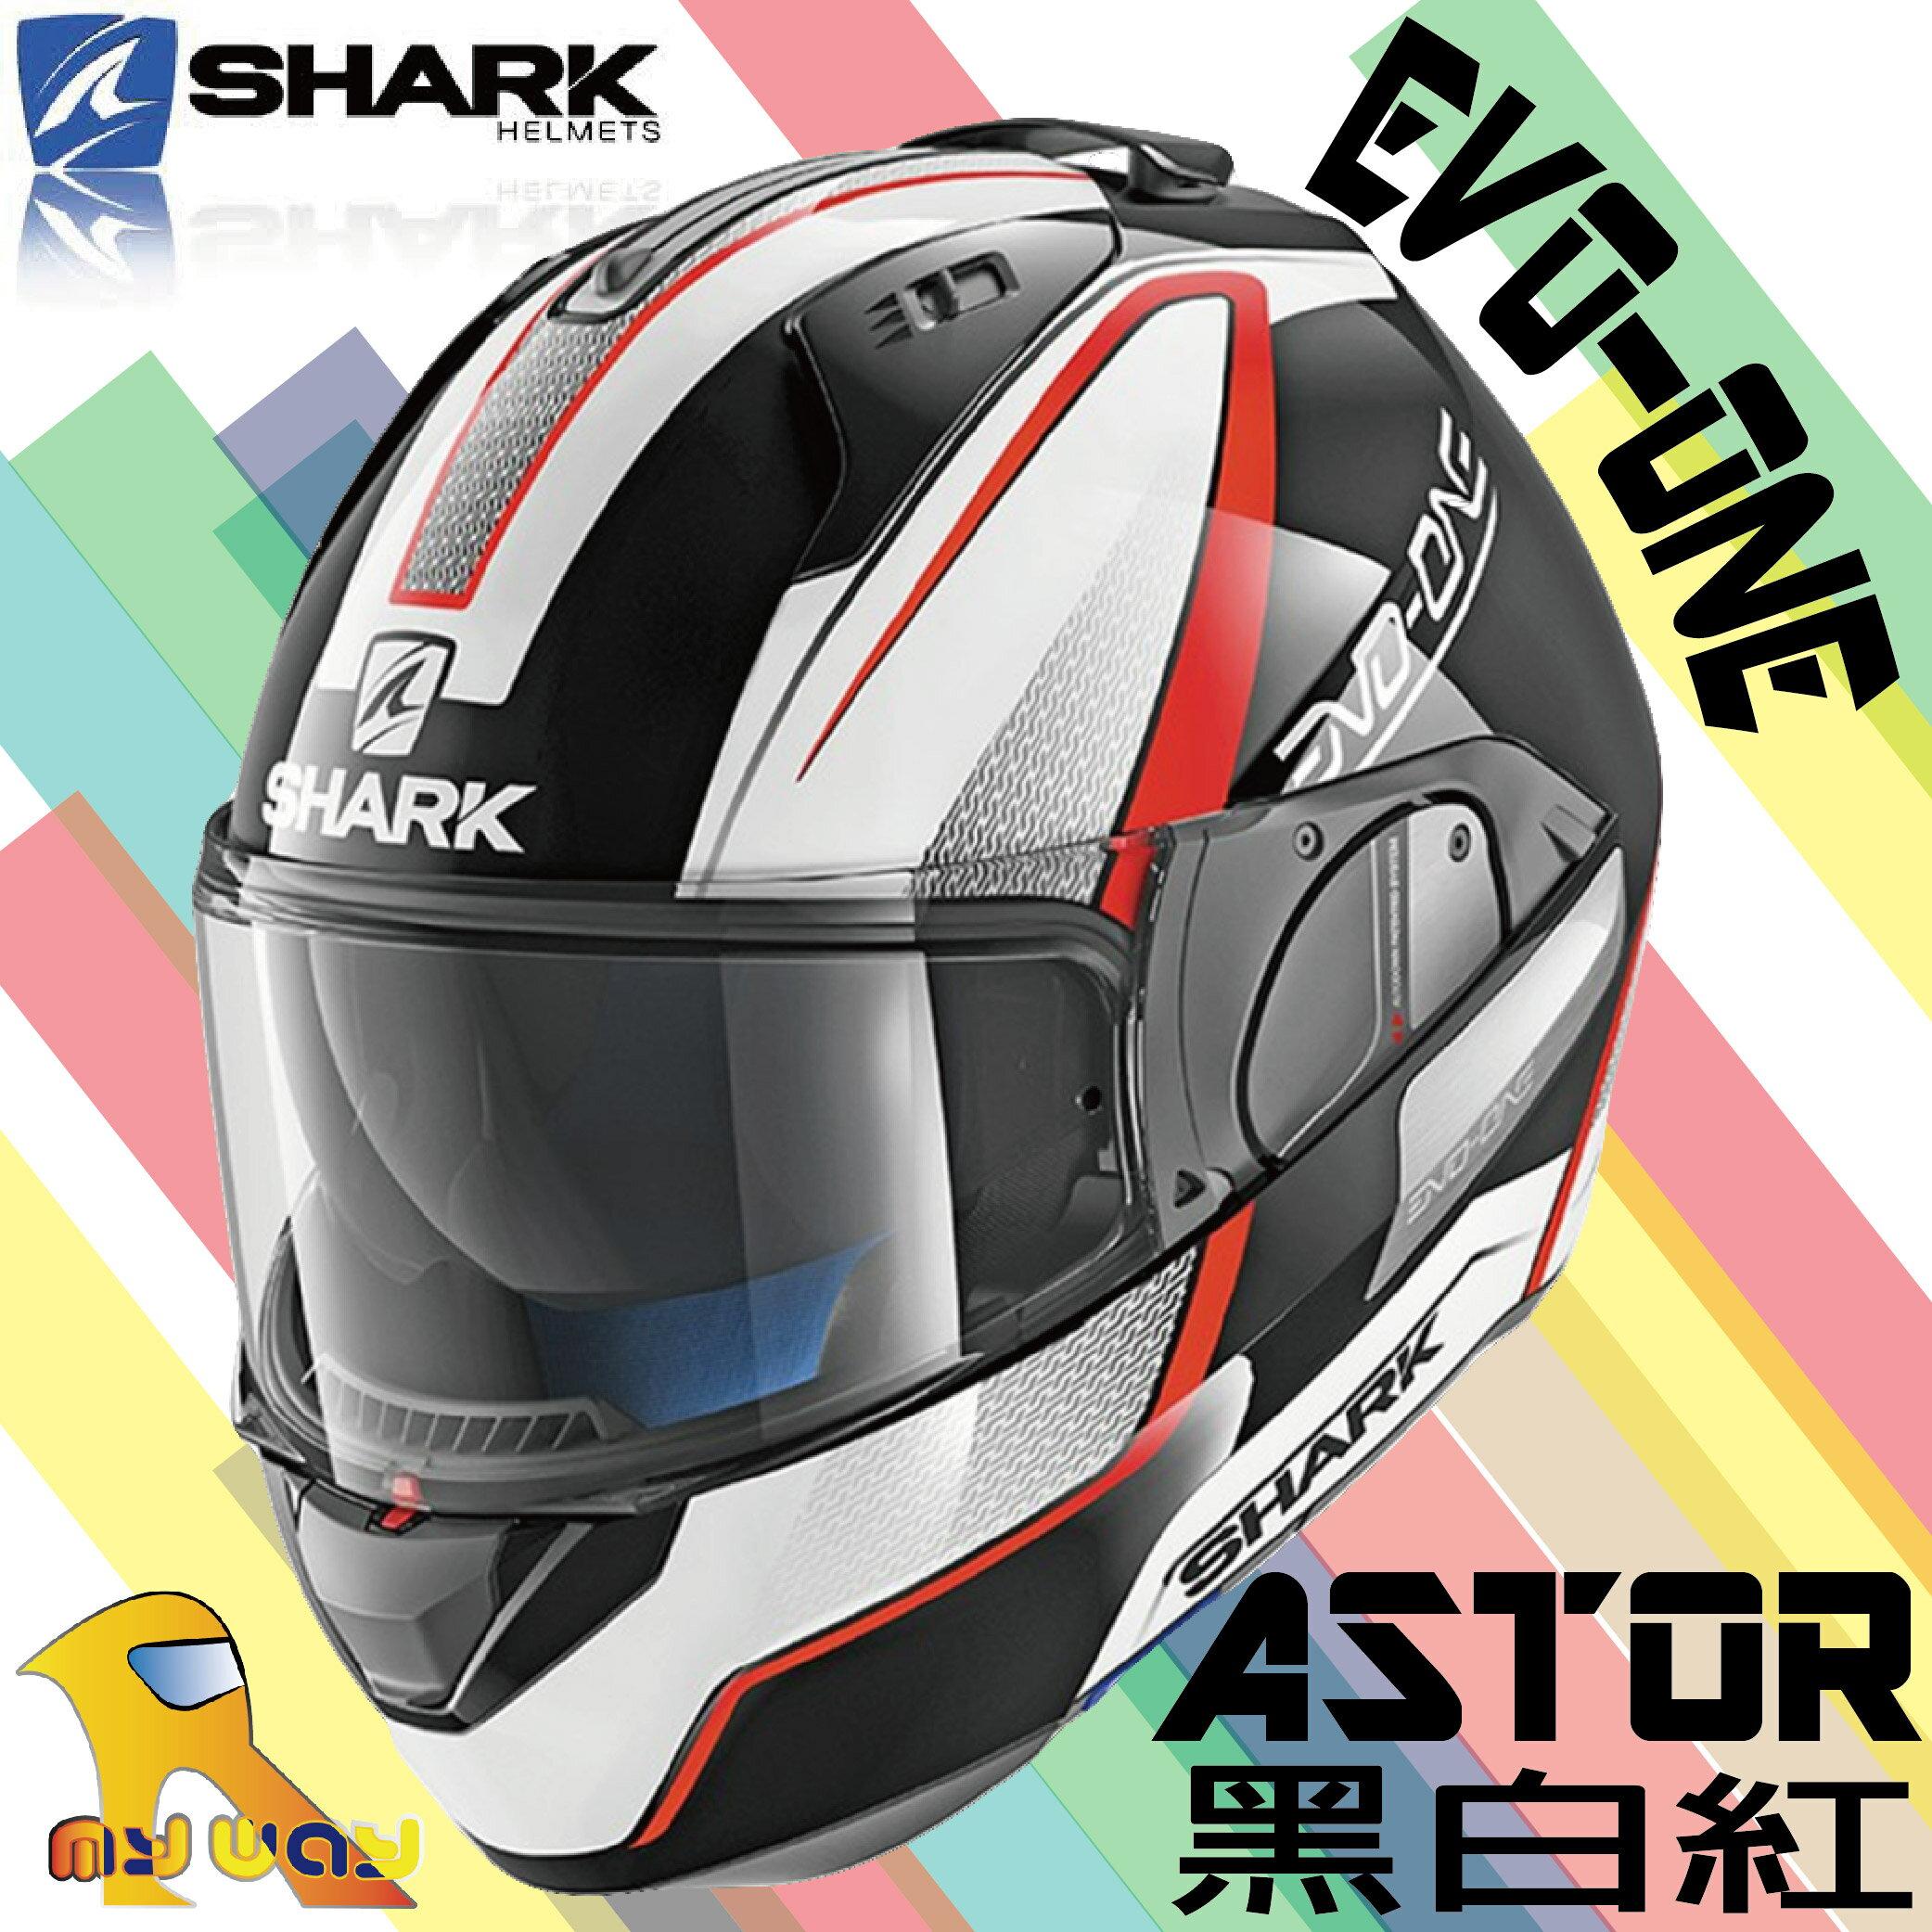 ~任我行騎士部品~SHARK EVO-ONE ASTOR 黑白紅 內藏鏡片 可樂帽 汽水帽 可掀式安全帽